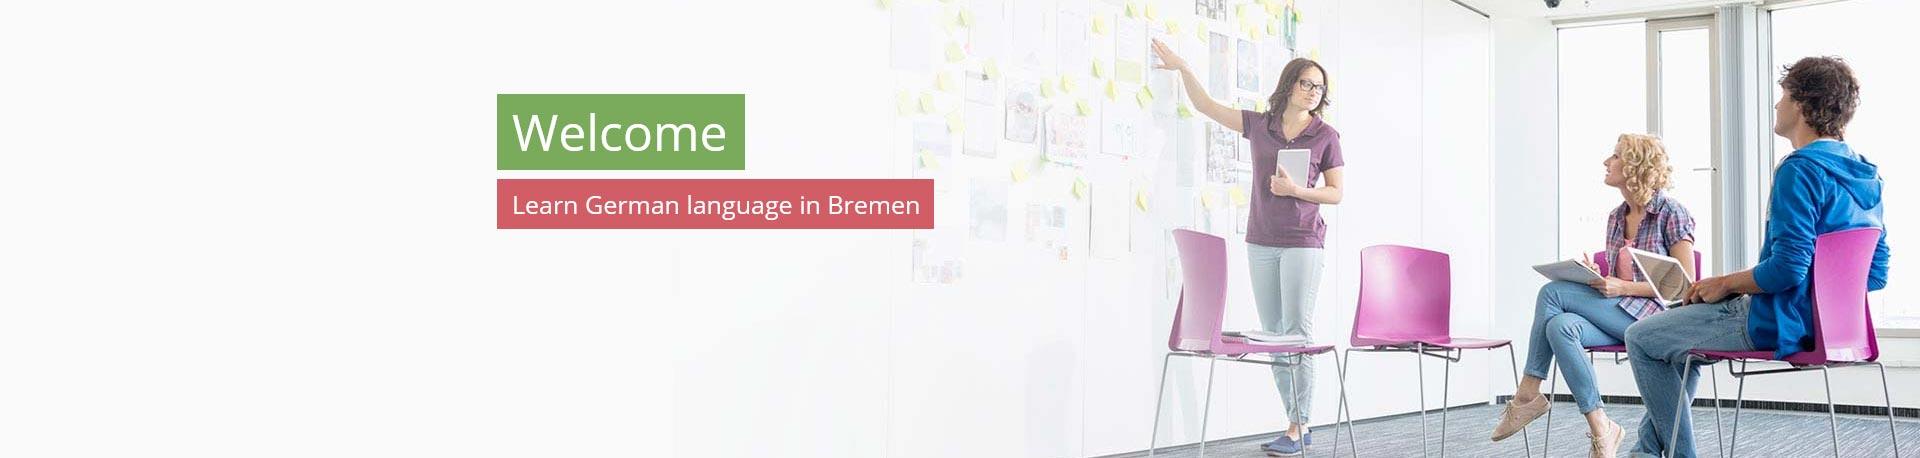 Learn German language in Bremen